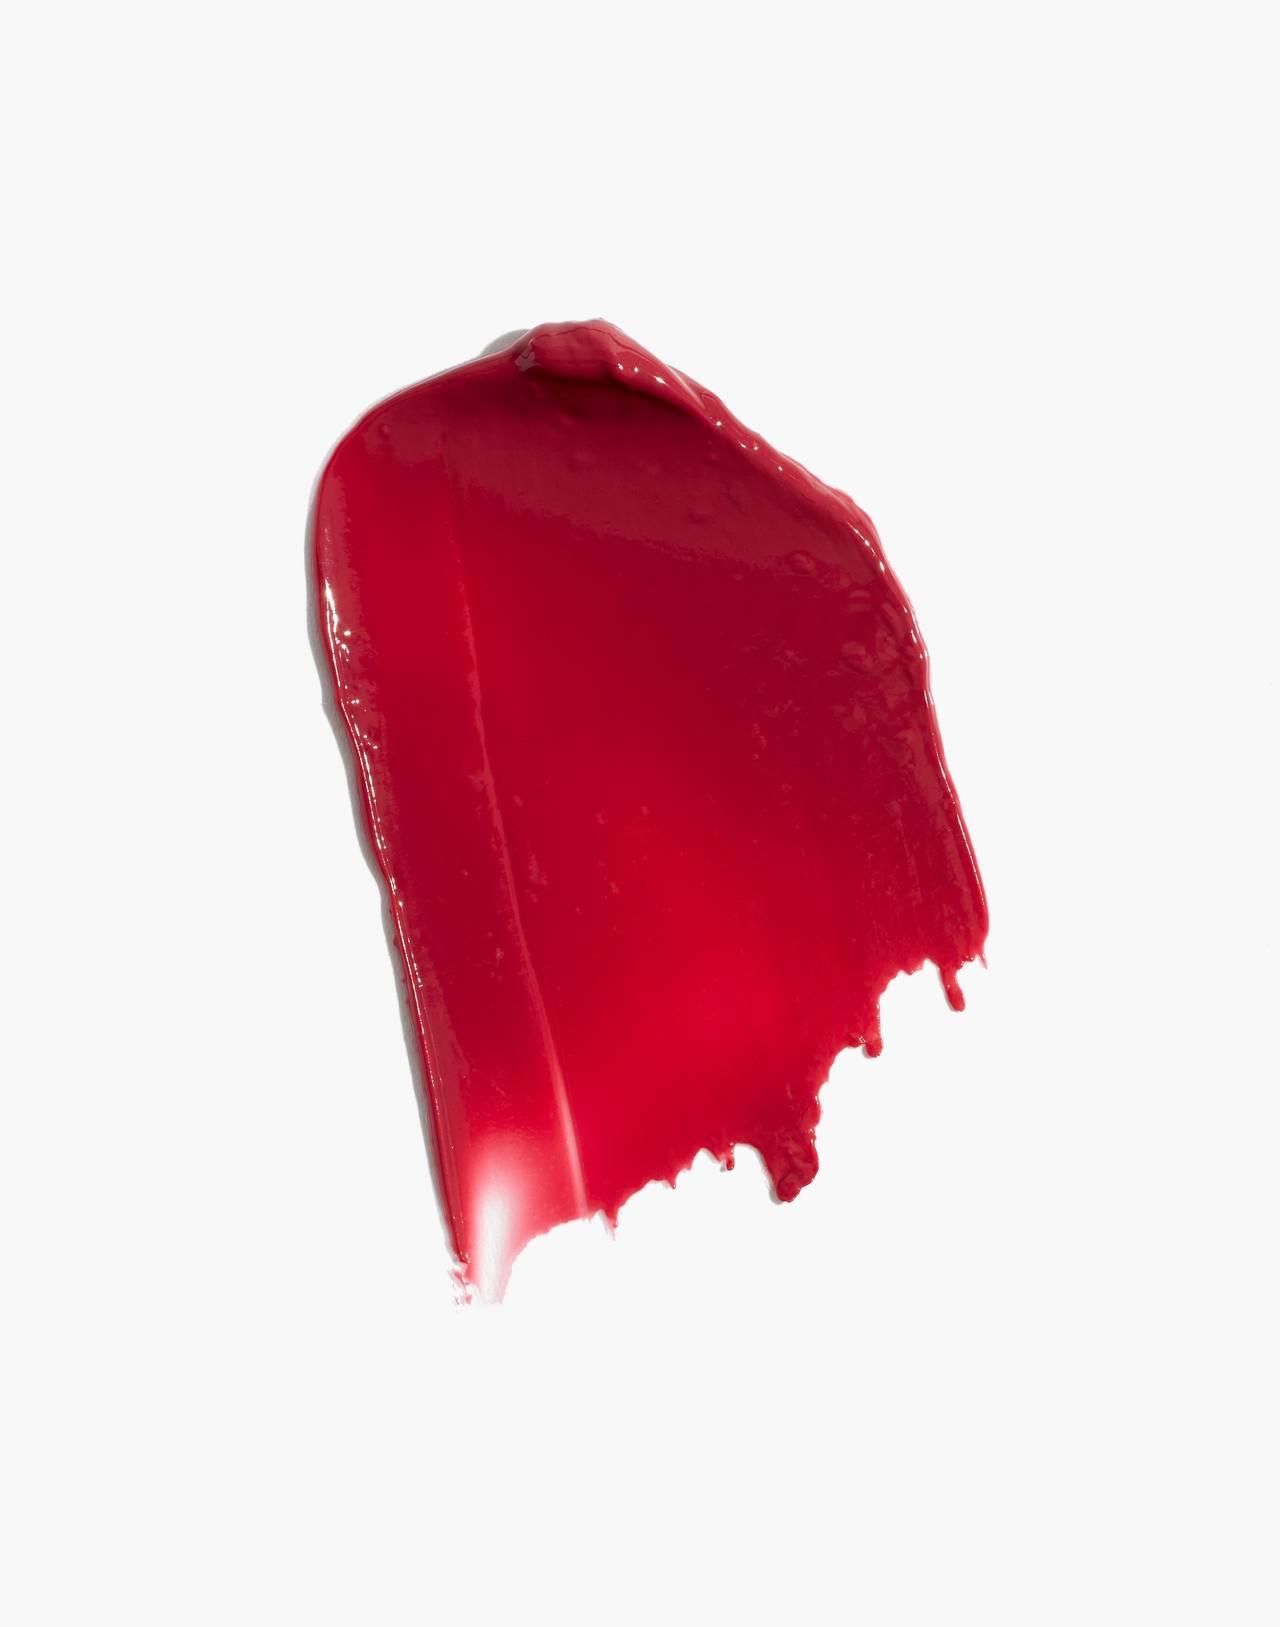 Lipstick Queen® Jean Queen Lipstick in jean queen image 2